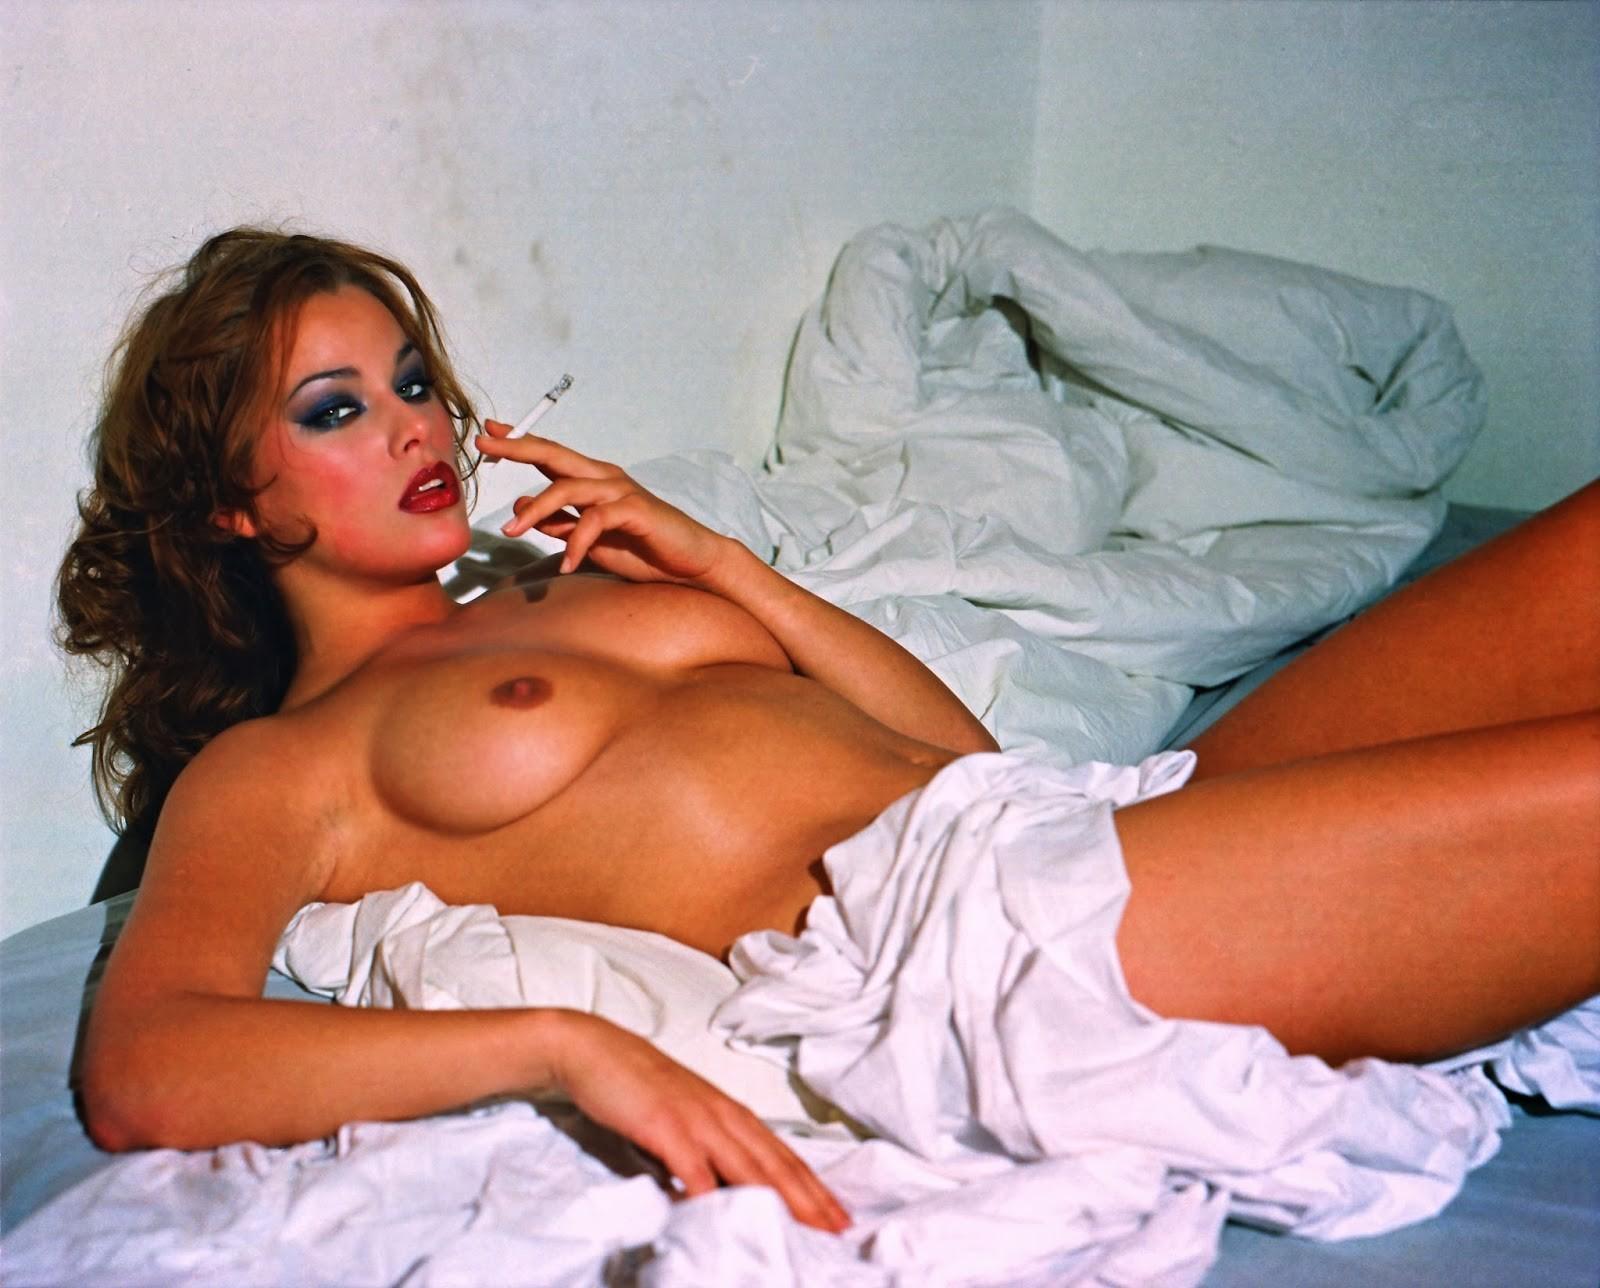 Massage room seduction sex